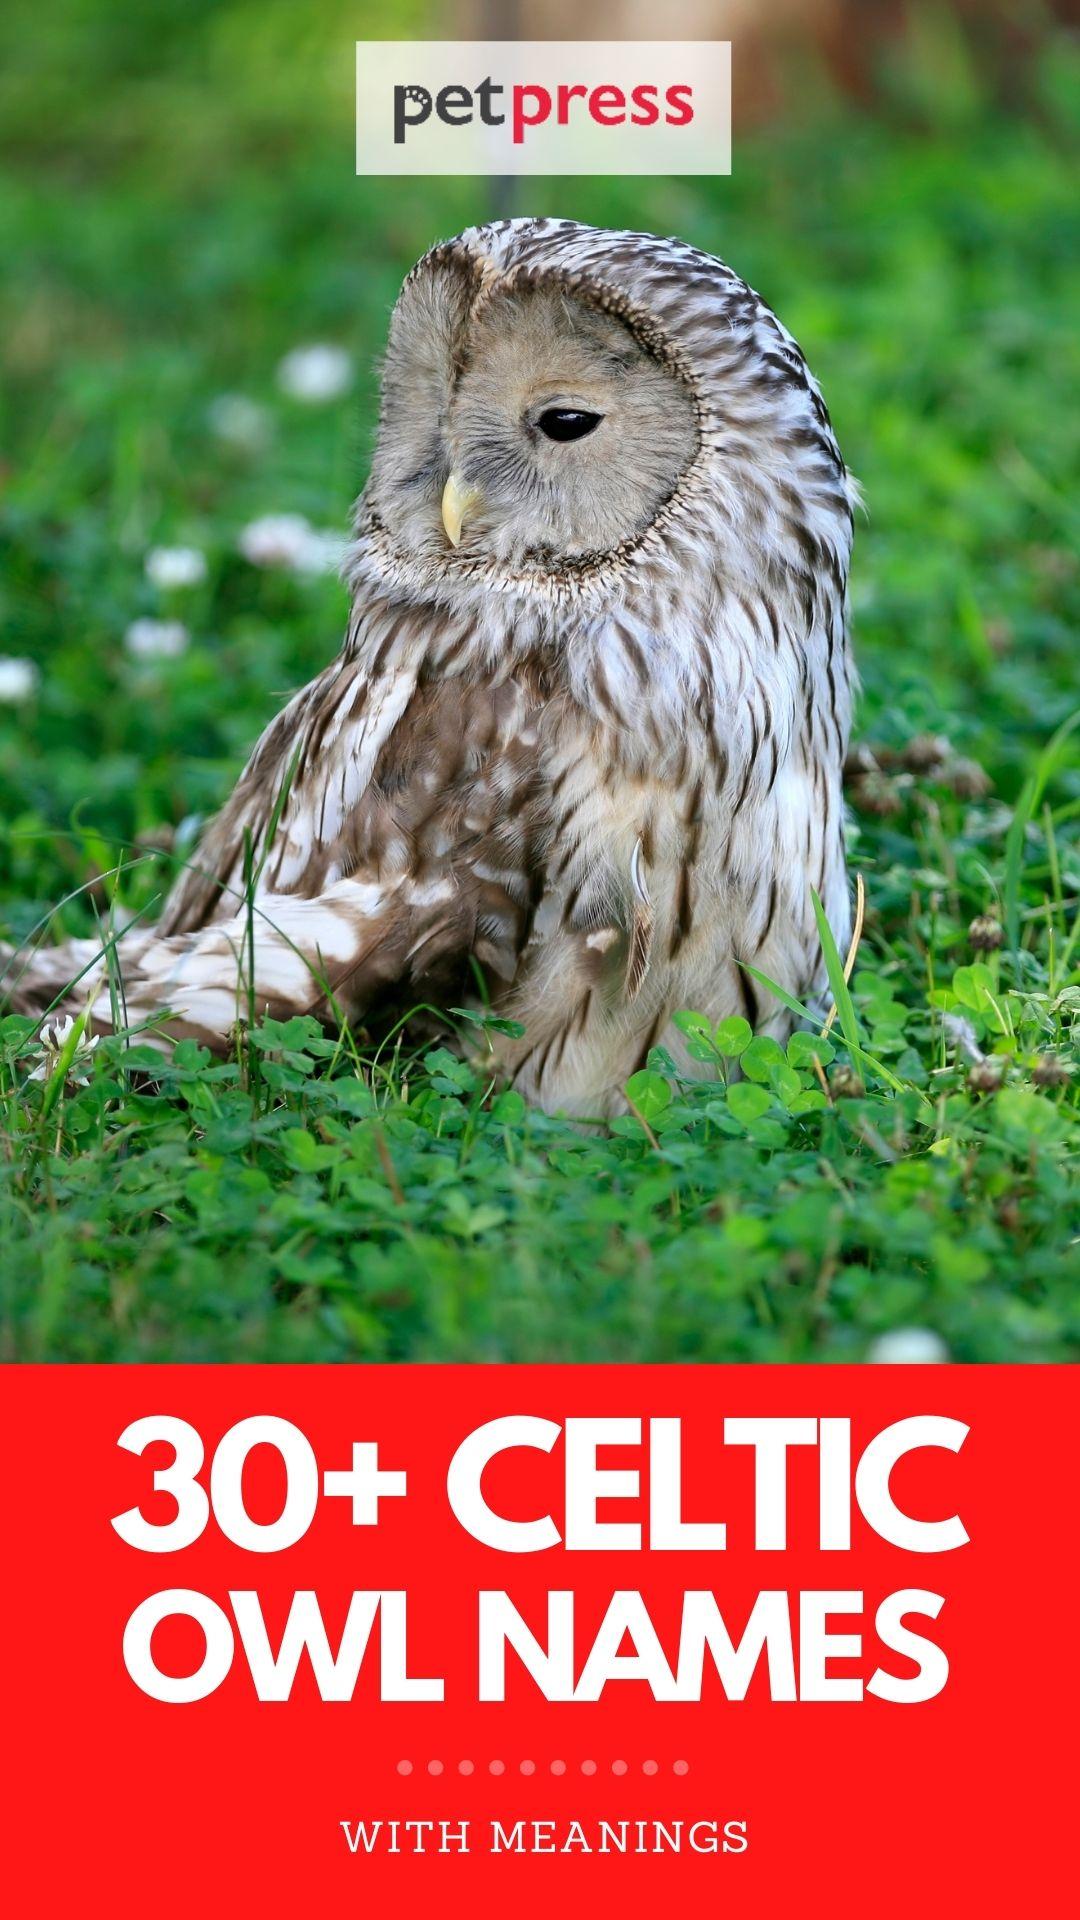 celtic owl names for naming an owl